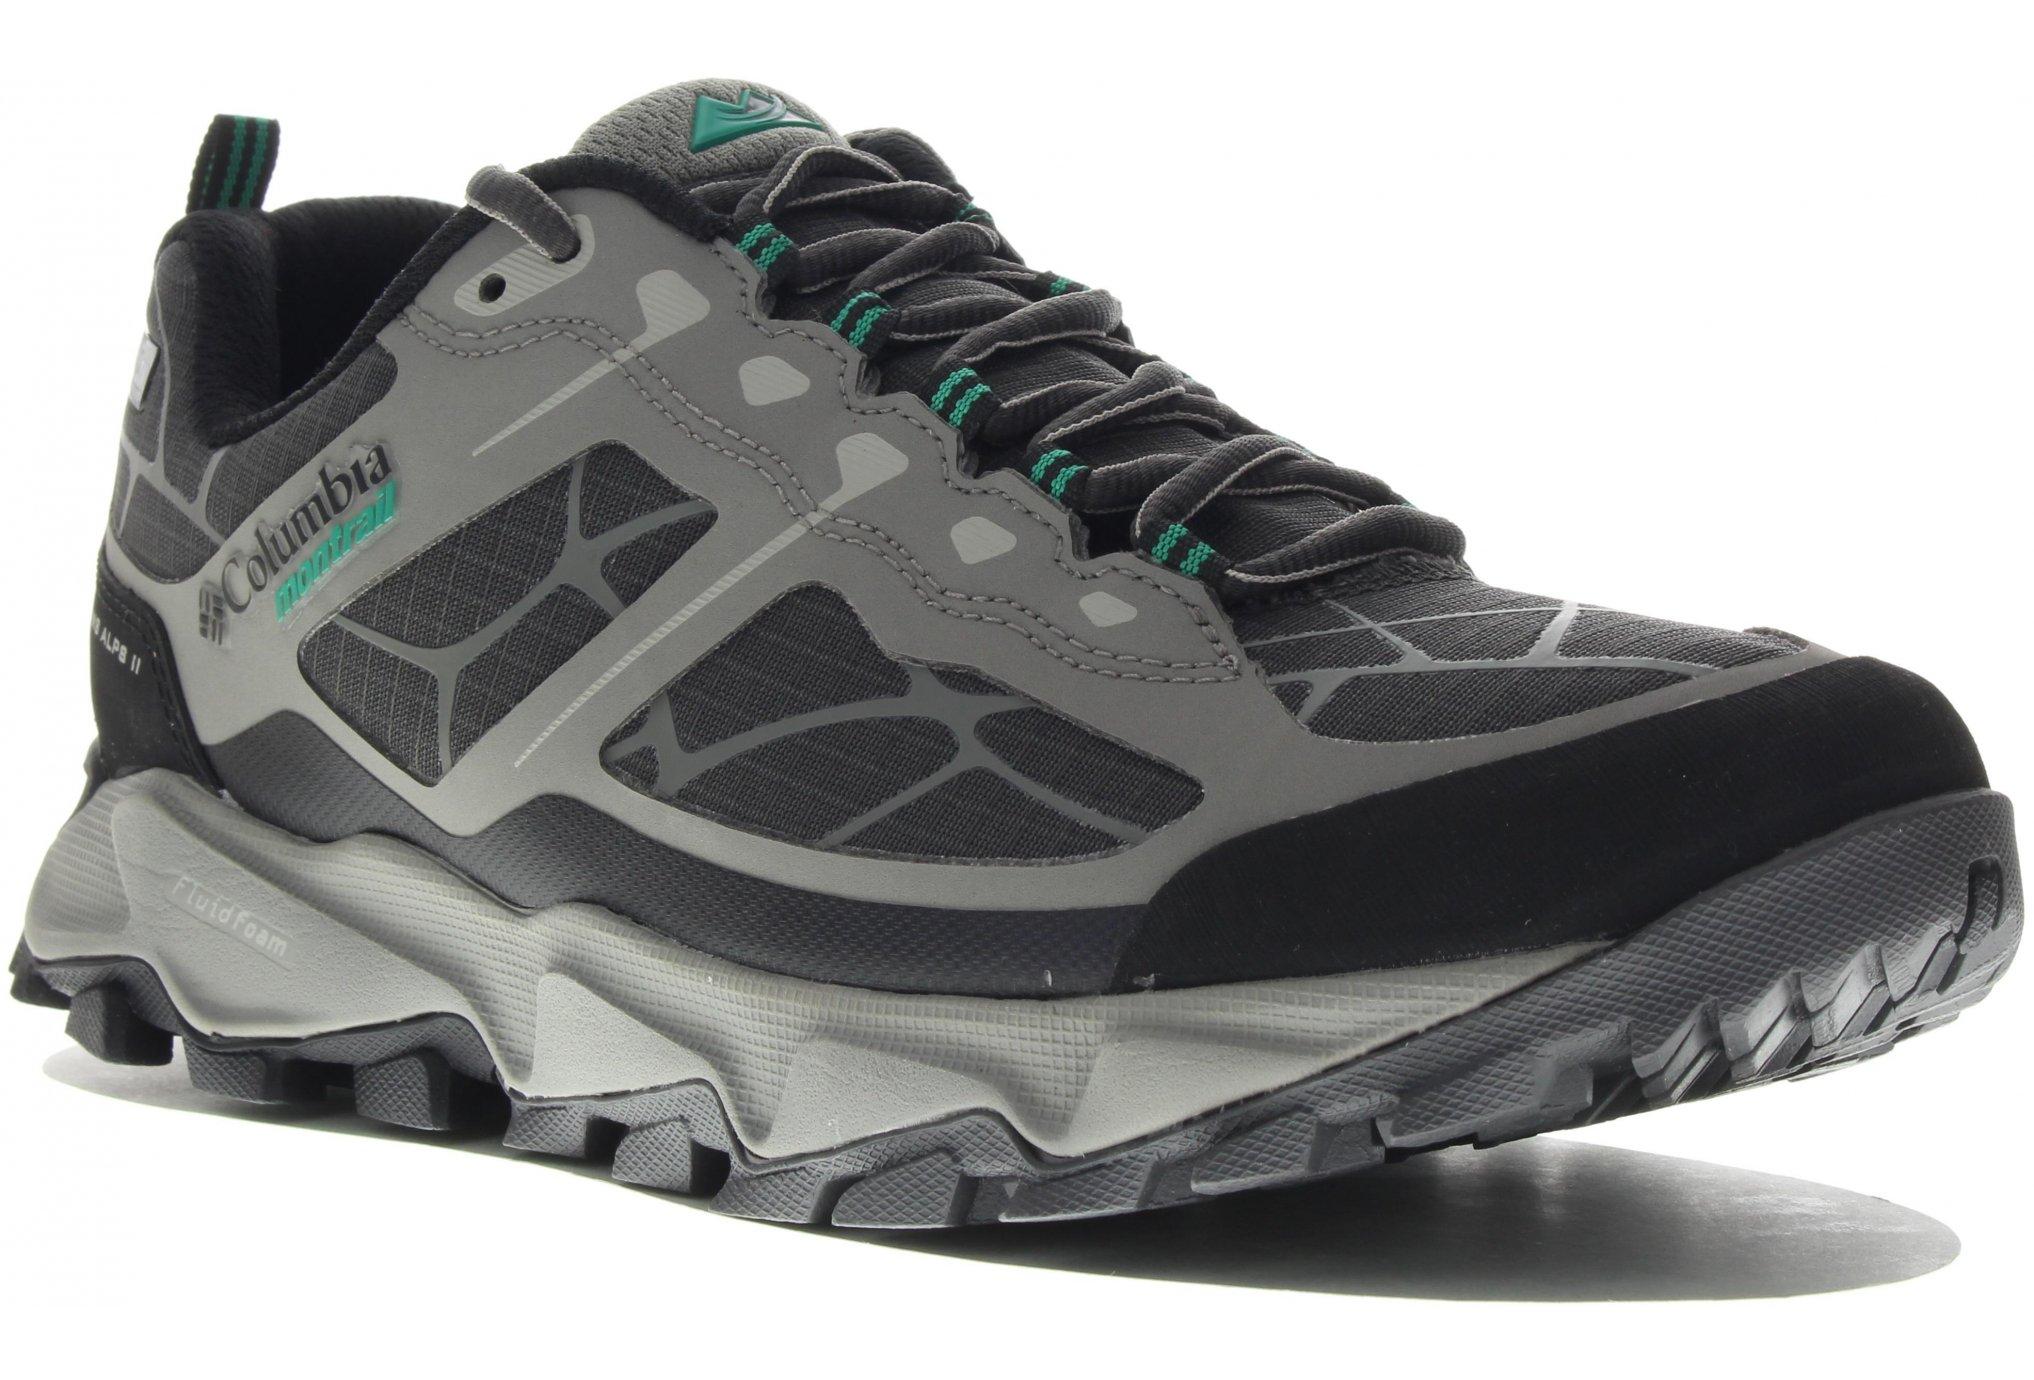 Columbia Montrail Trans Alps II OutDry W Diététique Chaussures femme